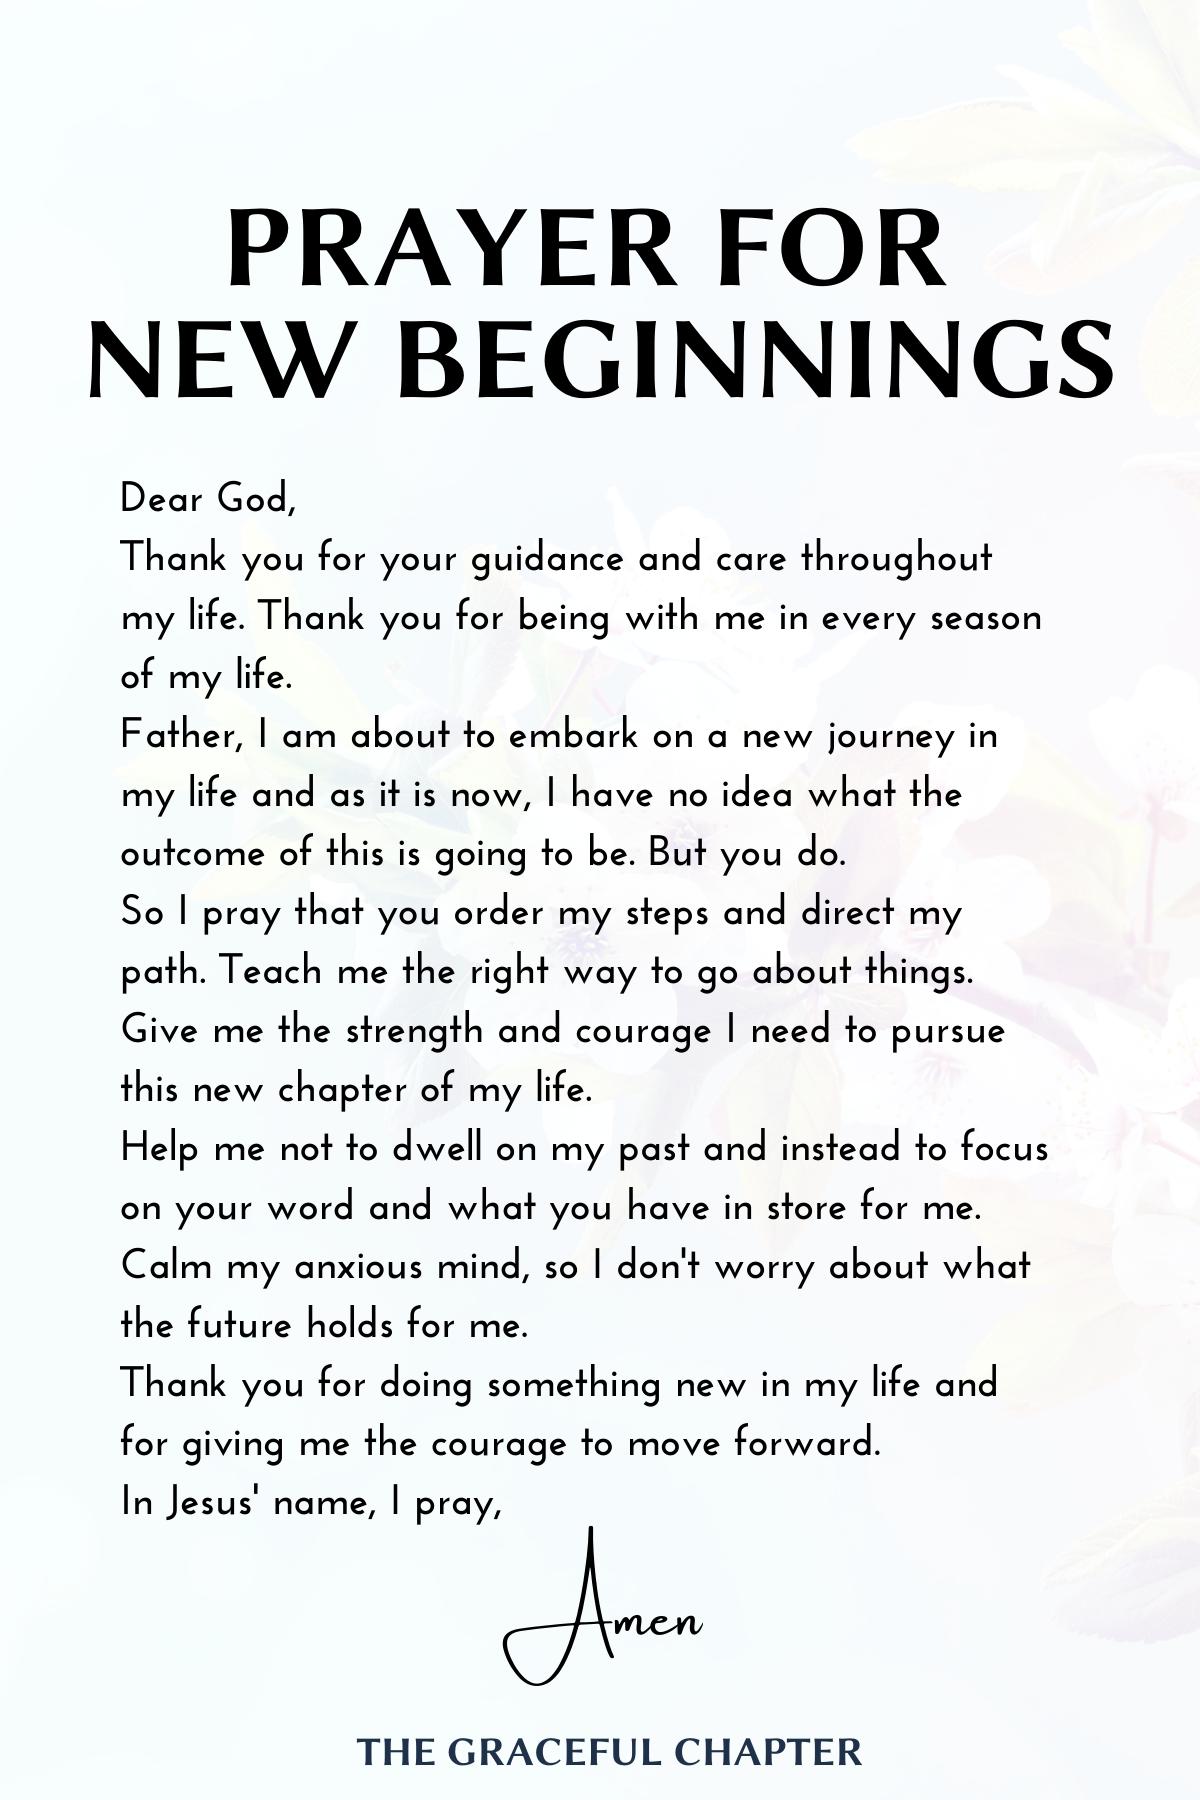 Prayer for new beginnings